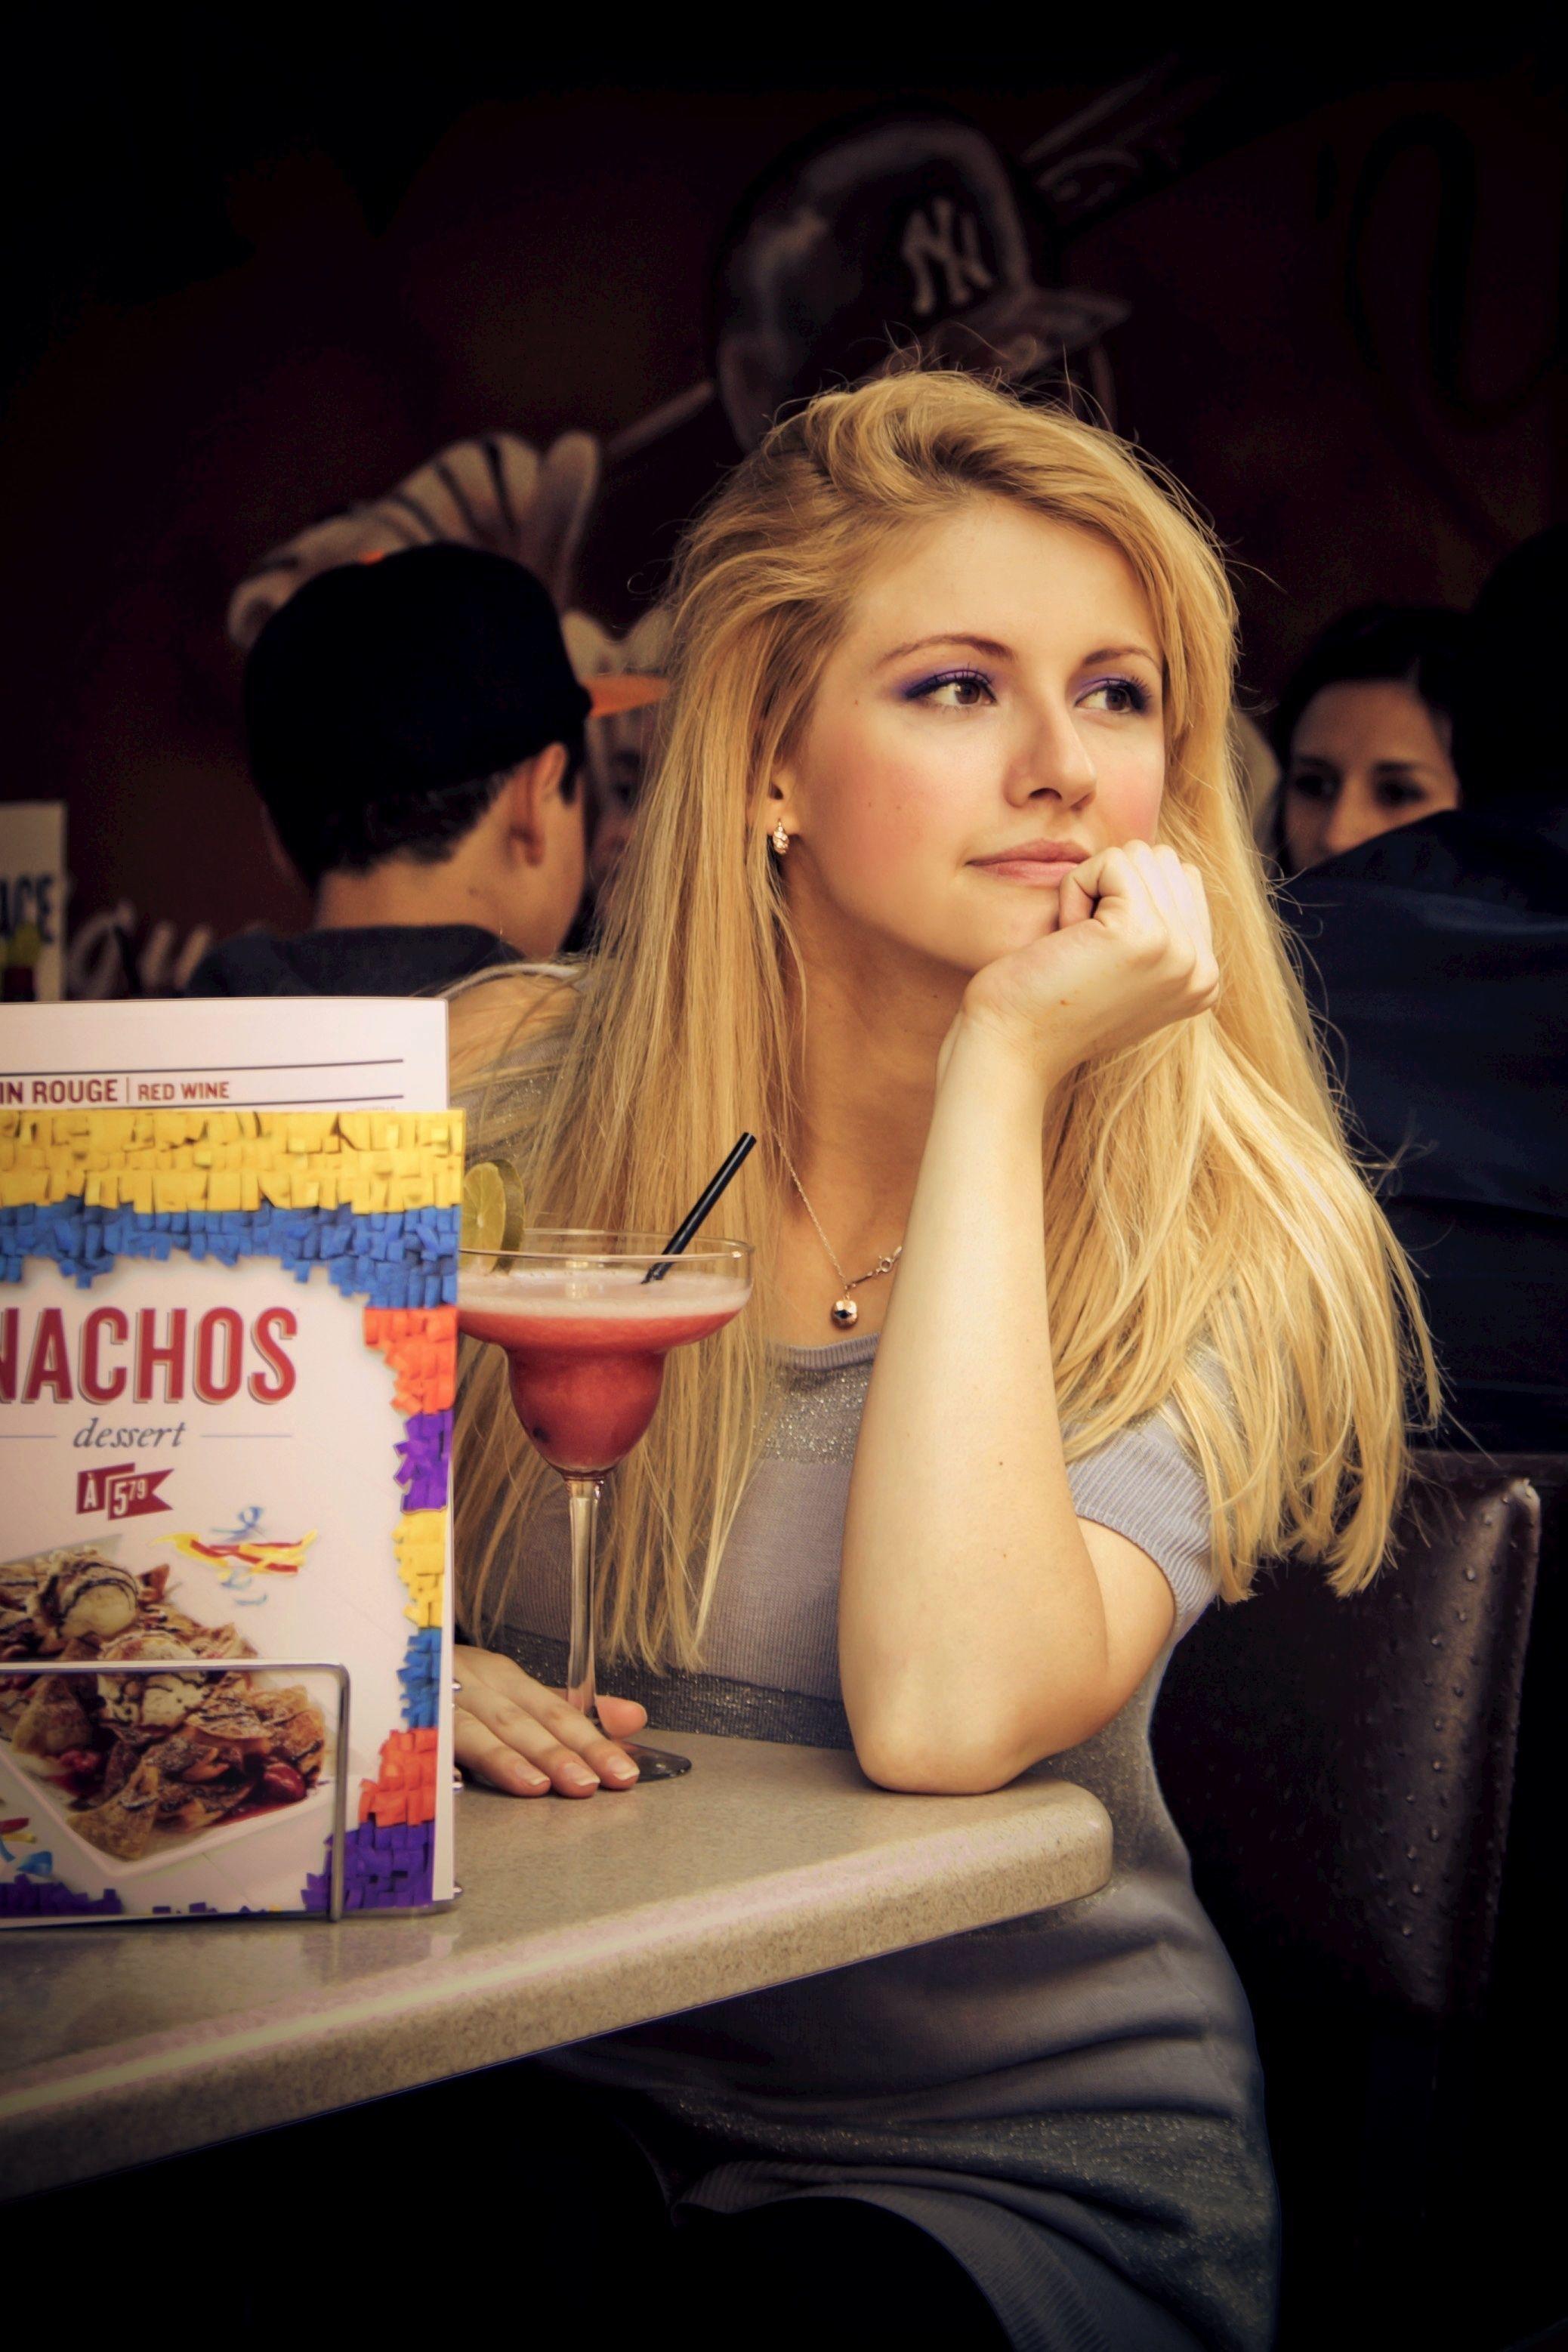 Juegos de sues dating dress up en español